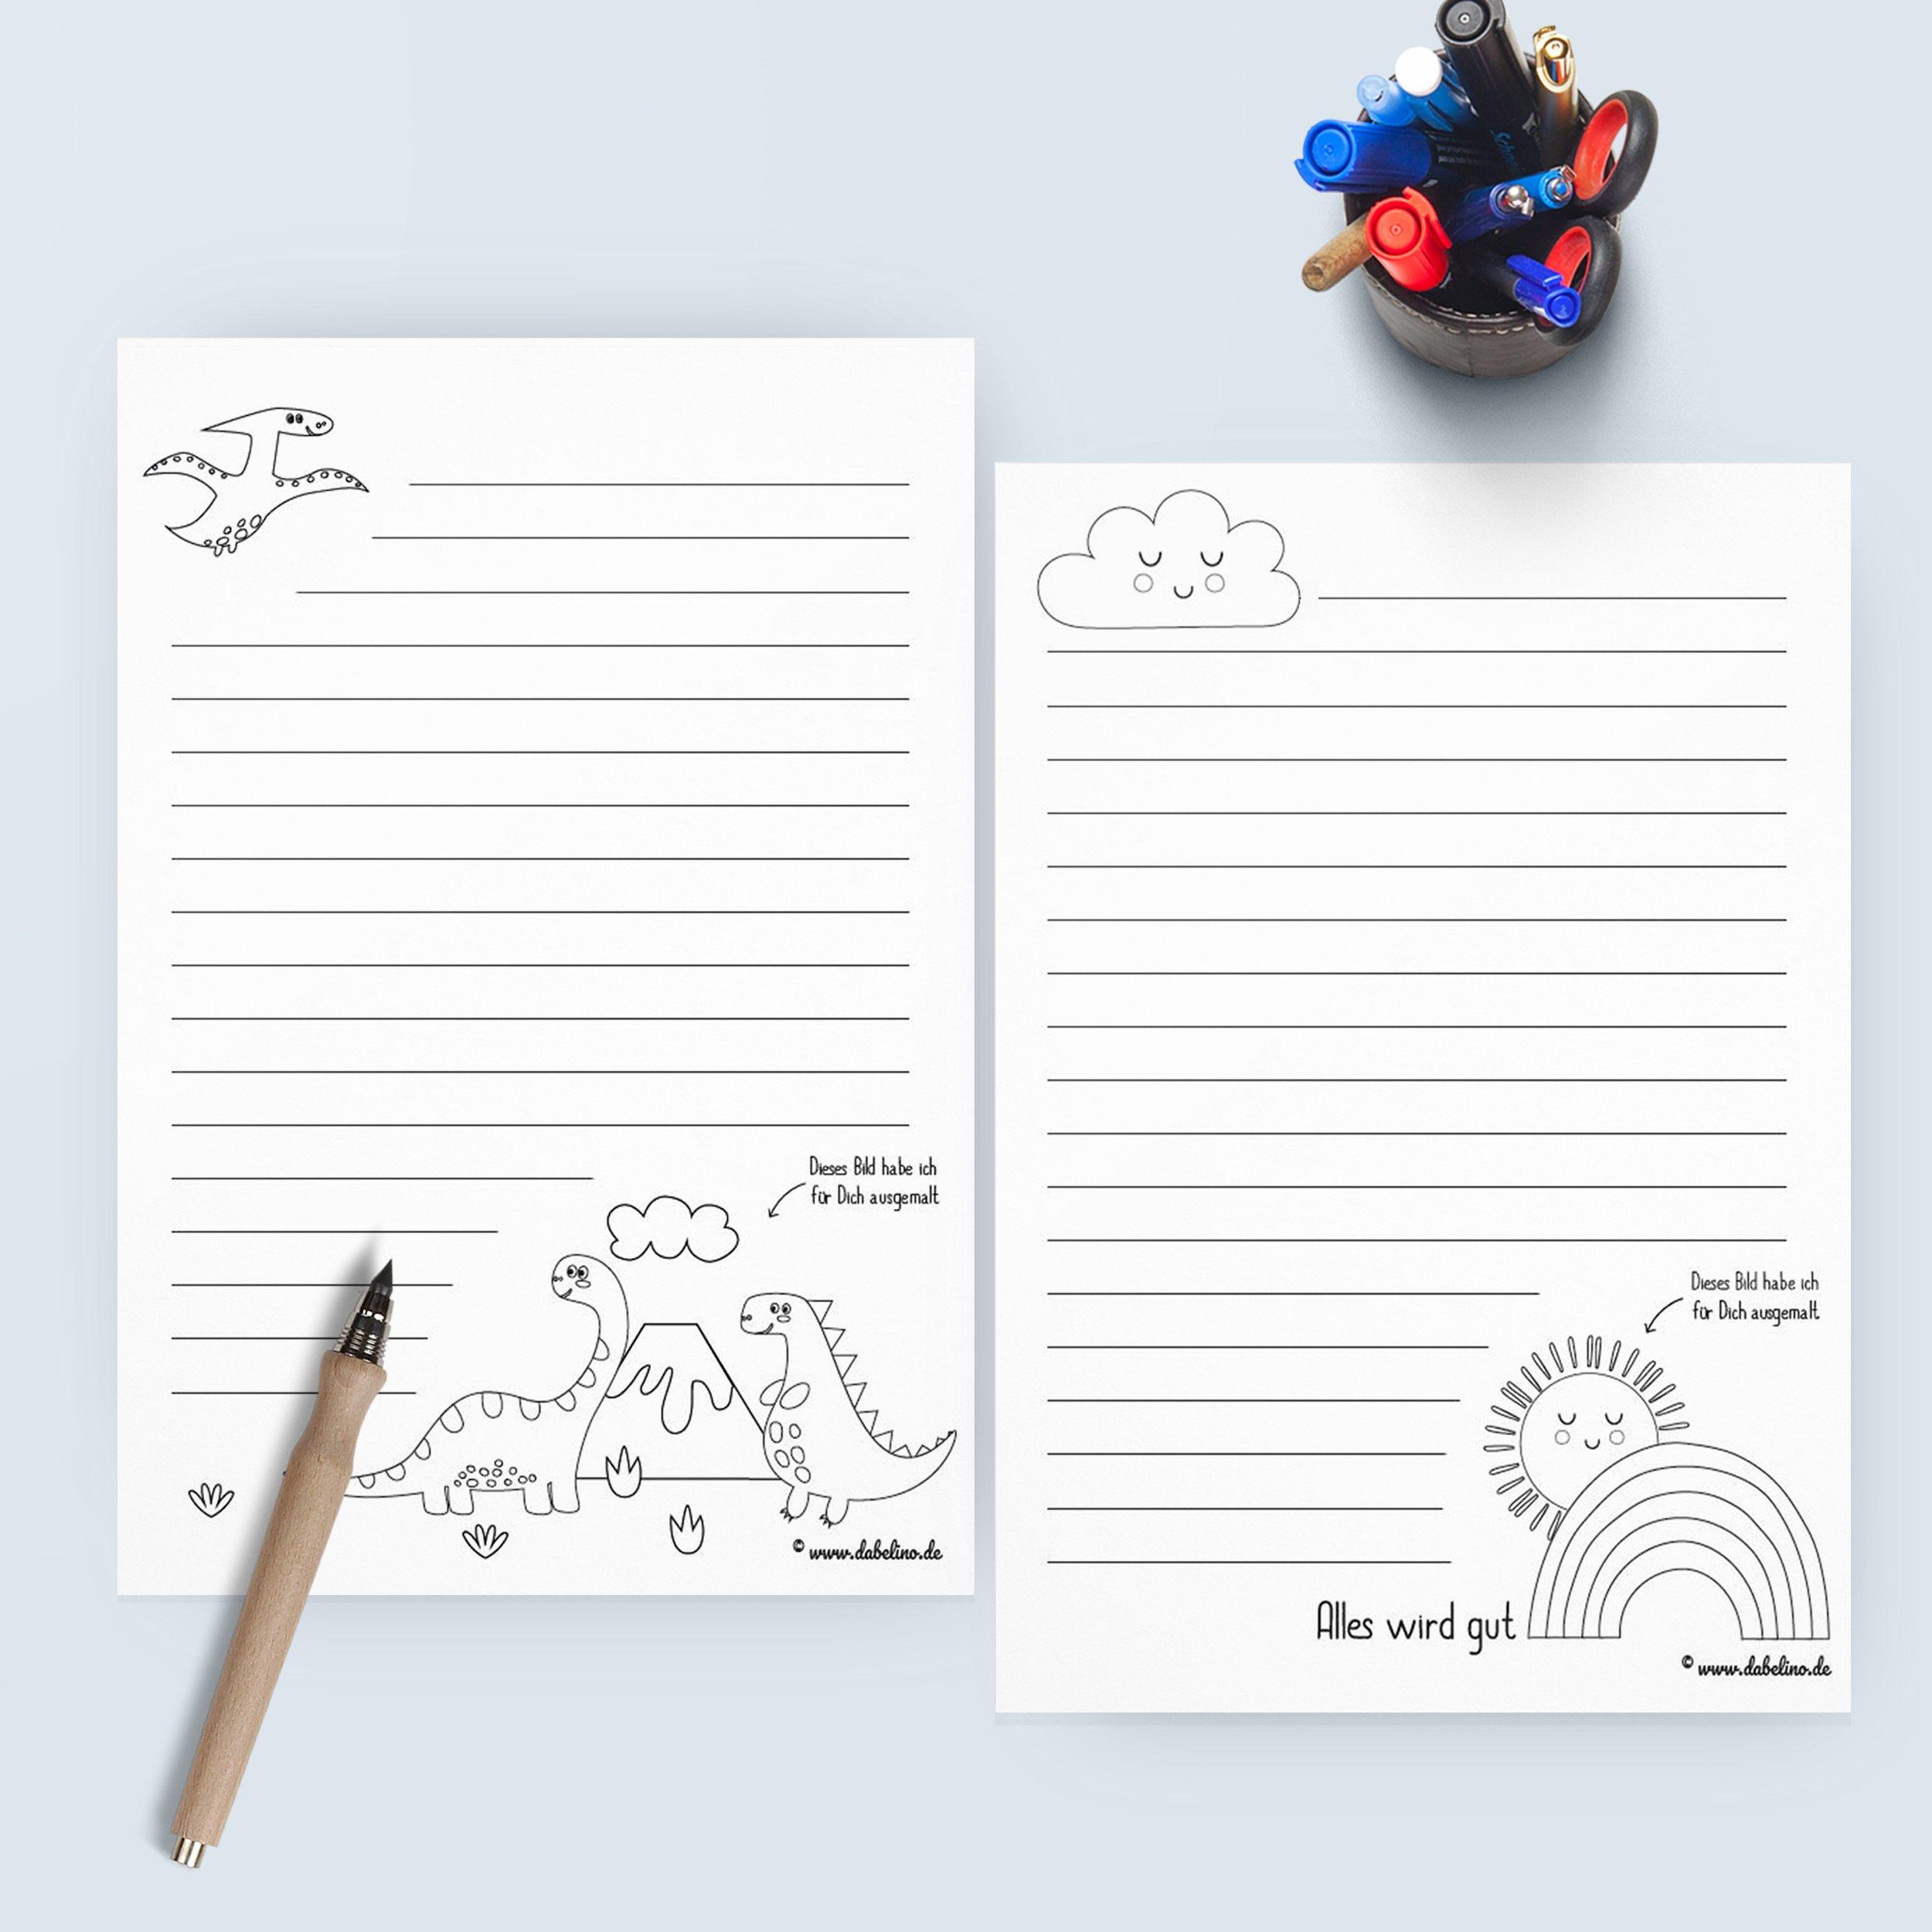 Freebie: Kinder-Briefpapier Vorlagen Kostenlos Als Pdf innen Briefpapier Zum Ausdrucken